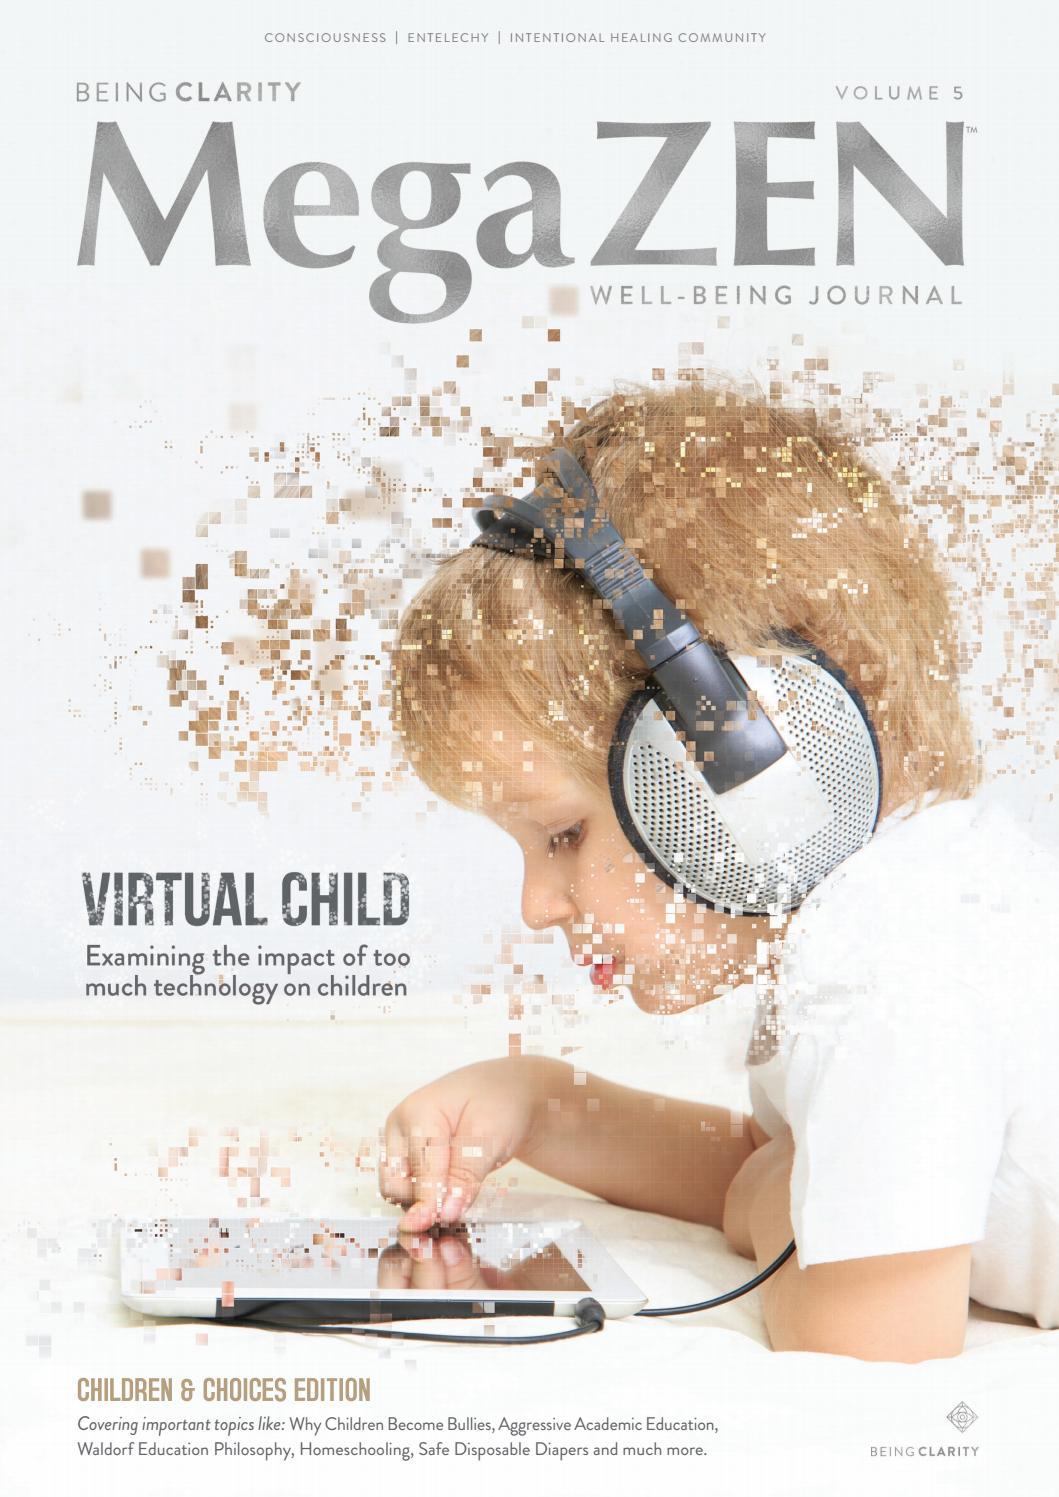 Megazen Well Being Journal Volume 5 By Megazen Issuu